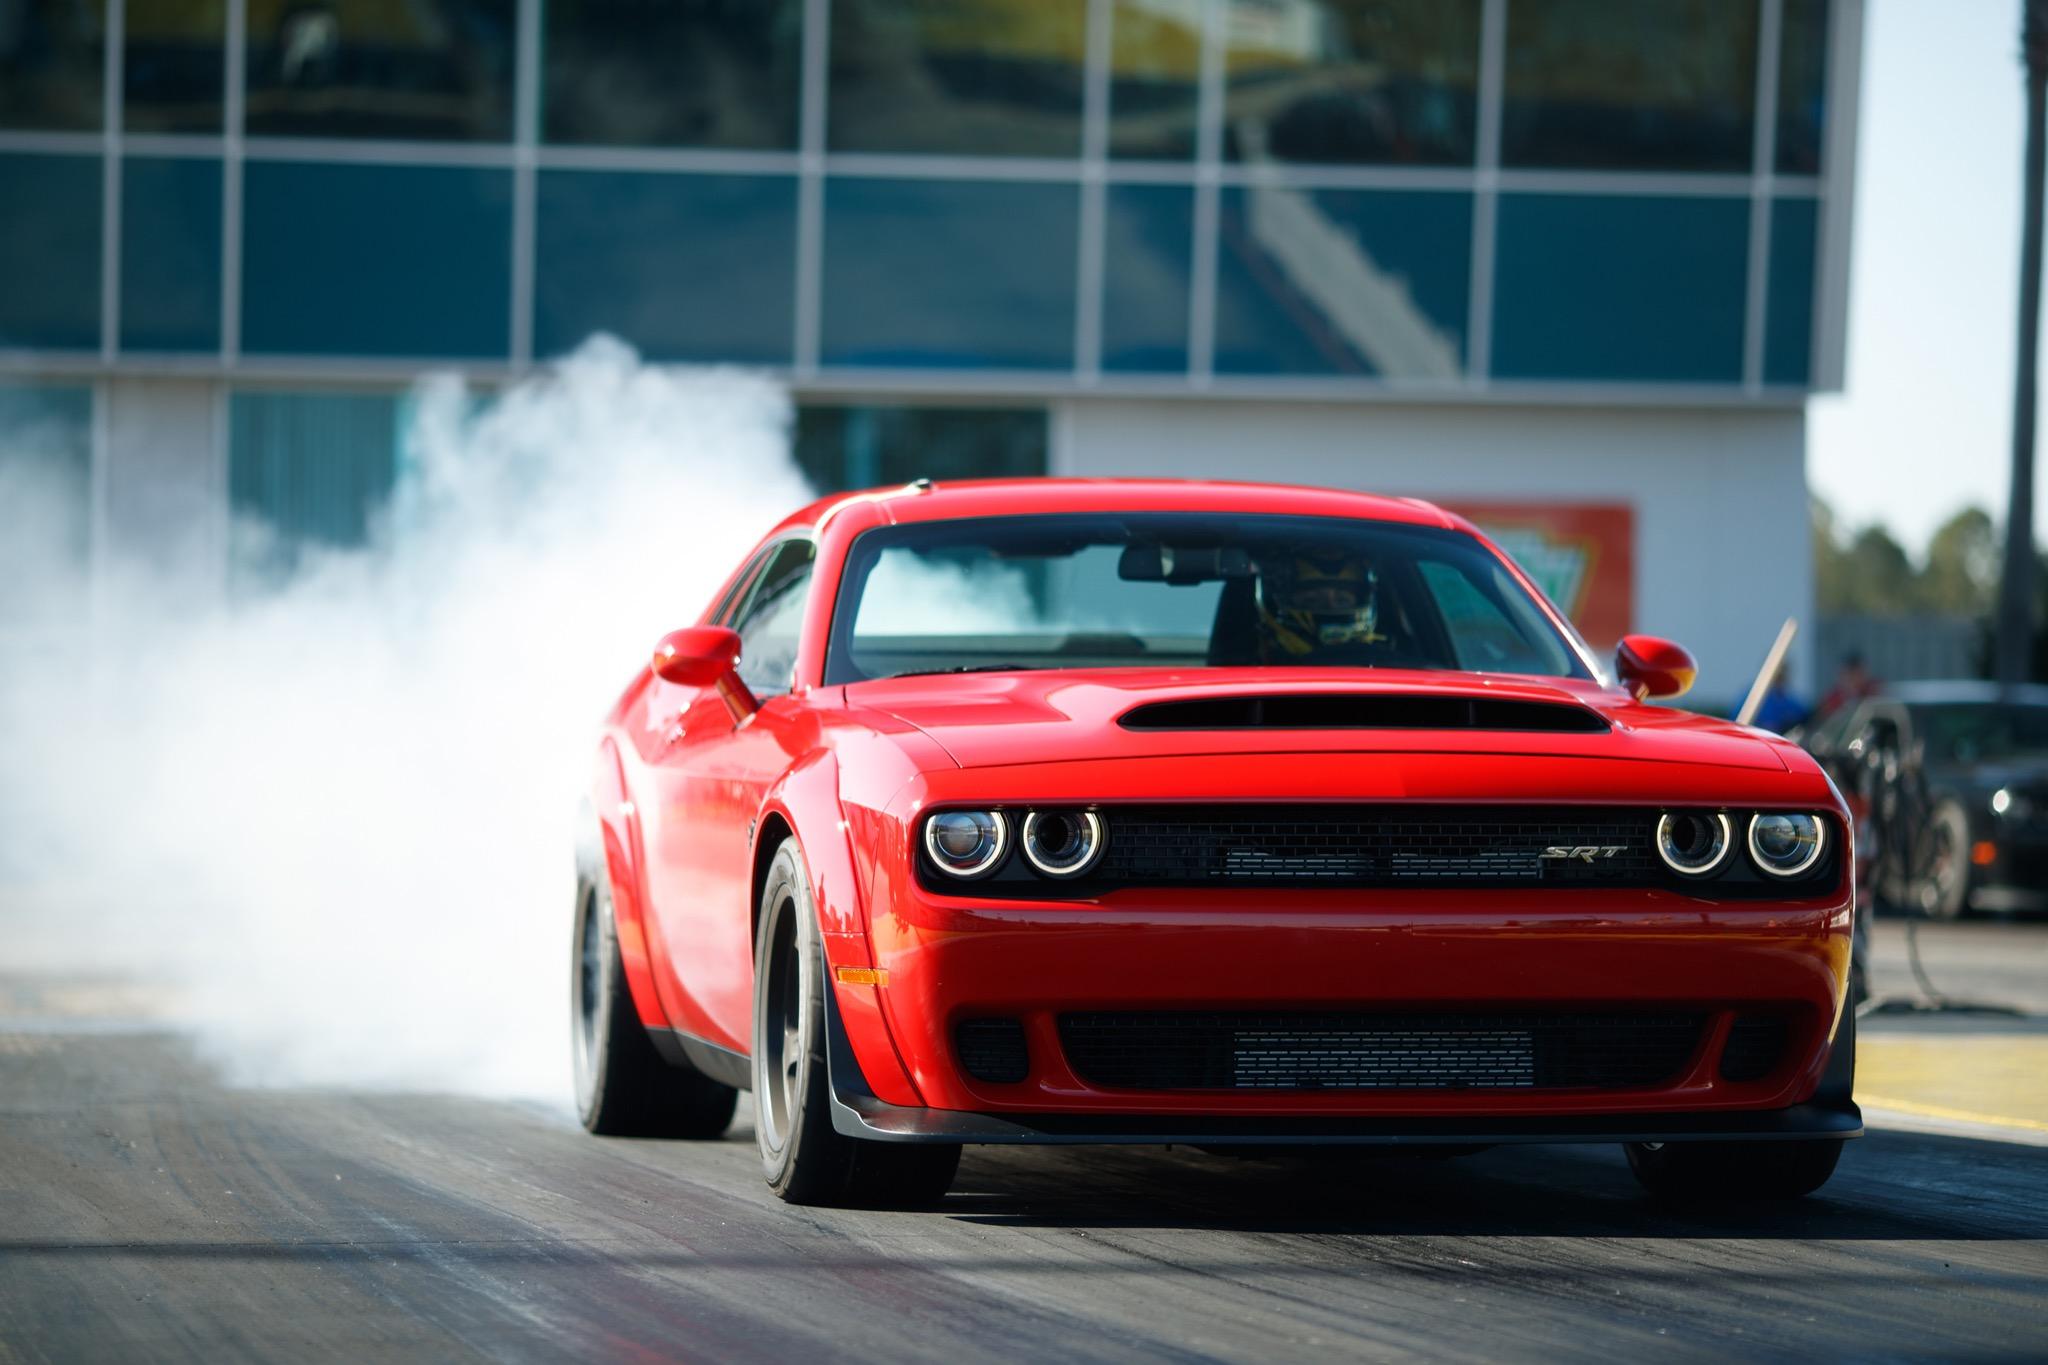 840 Ps Fur 85 000 Dollar Alle Infos Zum Dodge Challenger Srt Demon